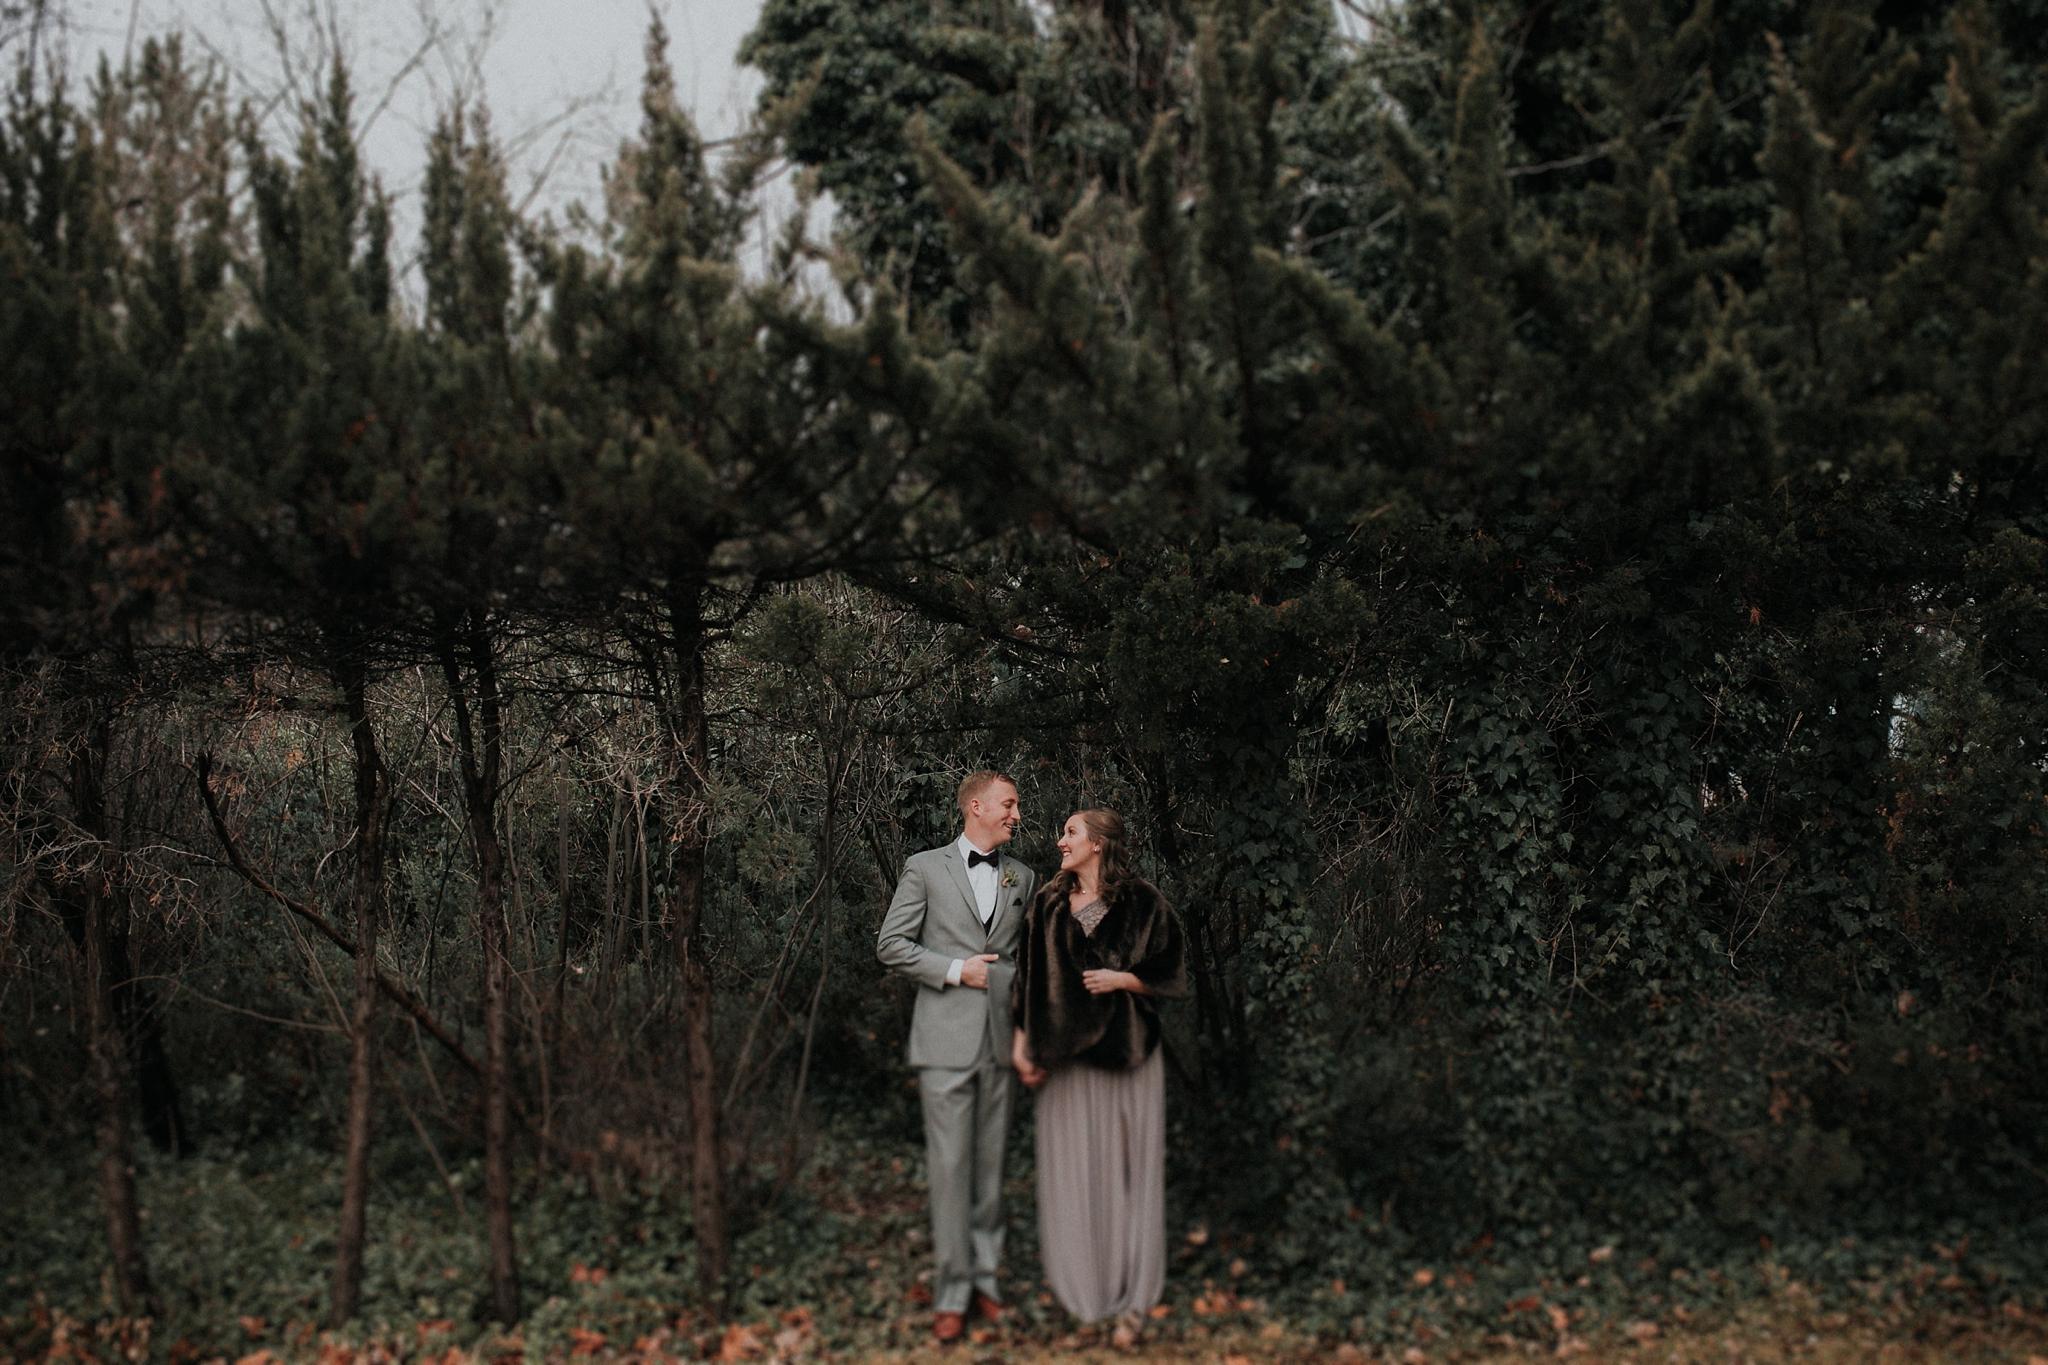 Alicia+lucia+photography+-+albuquerque+wedding+photographer+-+santa+fe+wedding+photography+-+new+mexico+wedding+photographer+-+albuquerque+wedding+-+santa+fe+wedding+-+wedding+gowns+-+non+traditional+wedding+gowns_0050.jpg